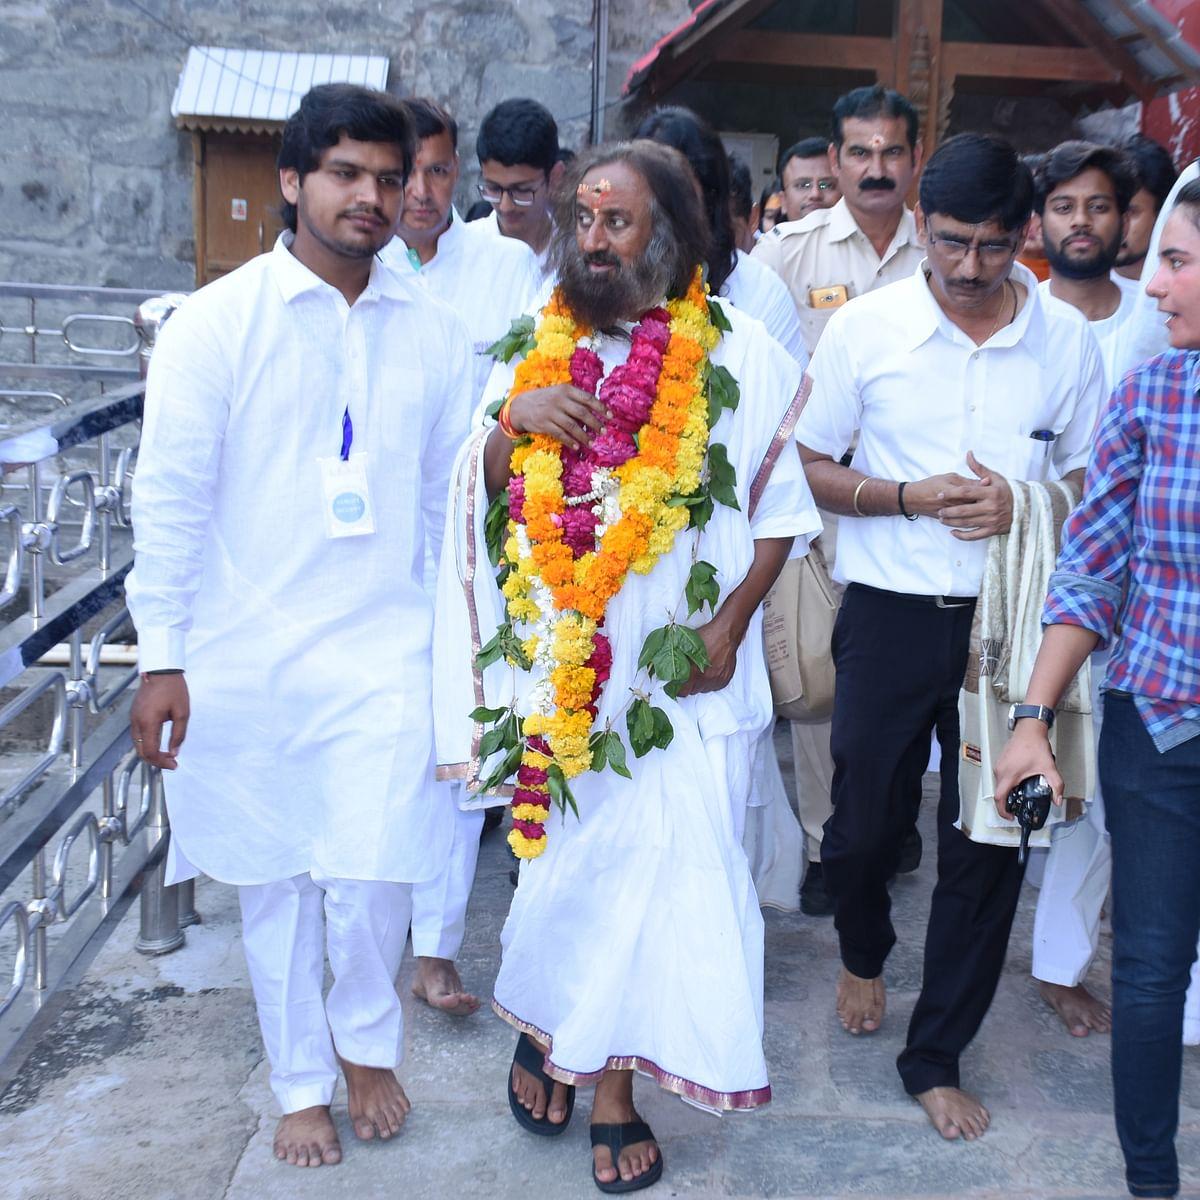 Ujjain: Sri Sri Ravishankar pays obeisance at Sri Mahakaleshwar temple